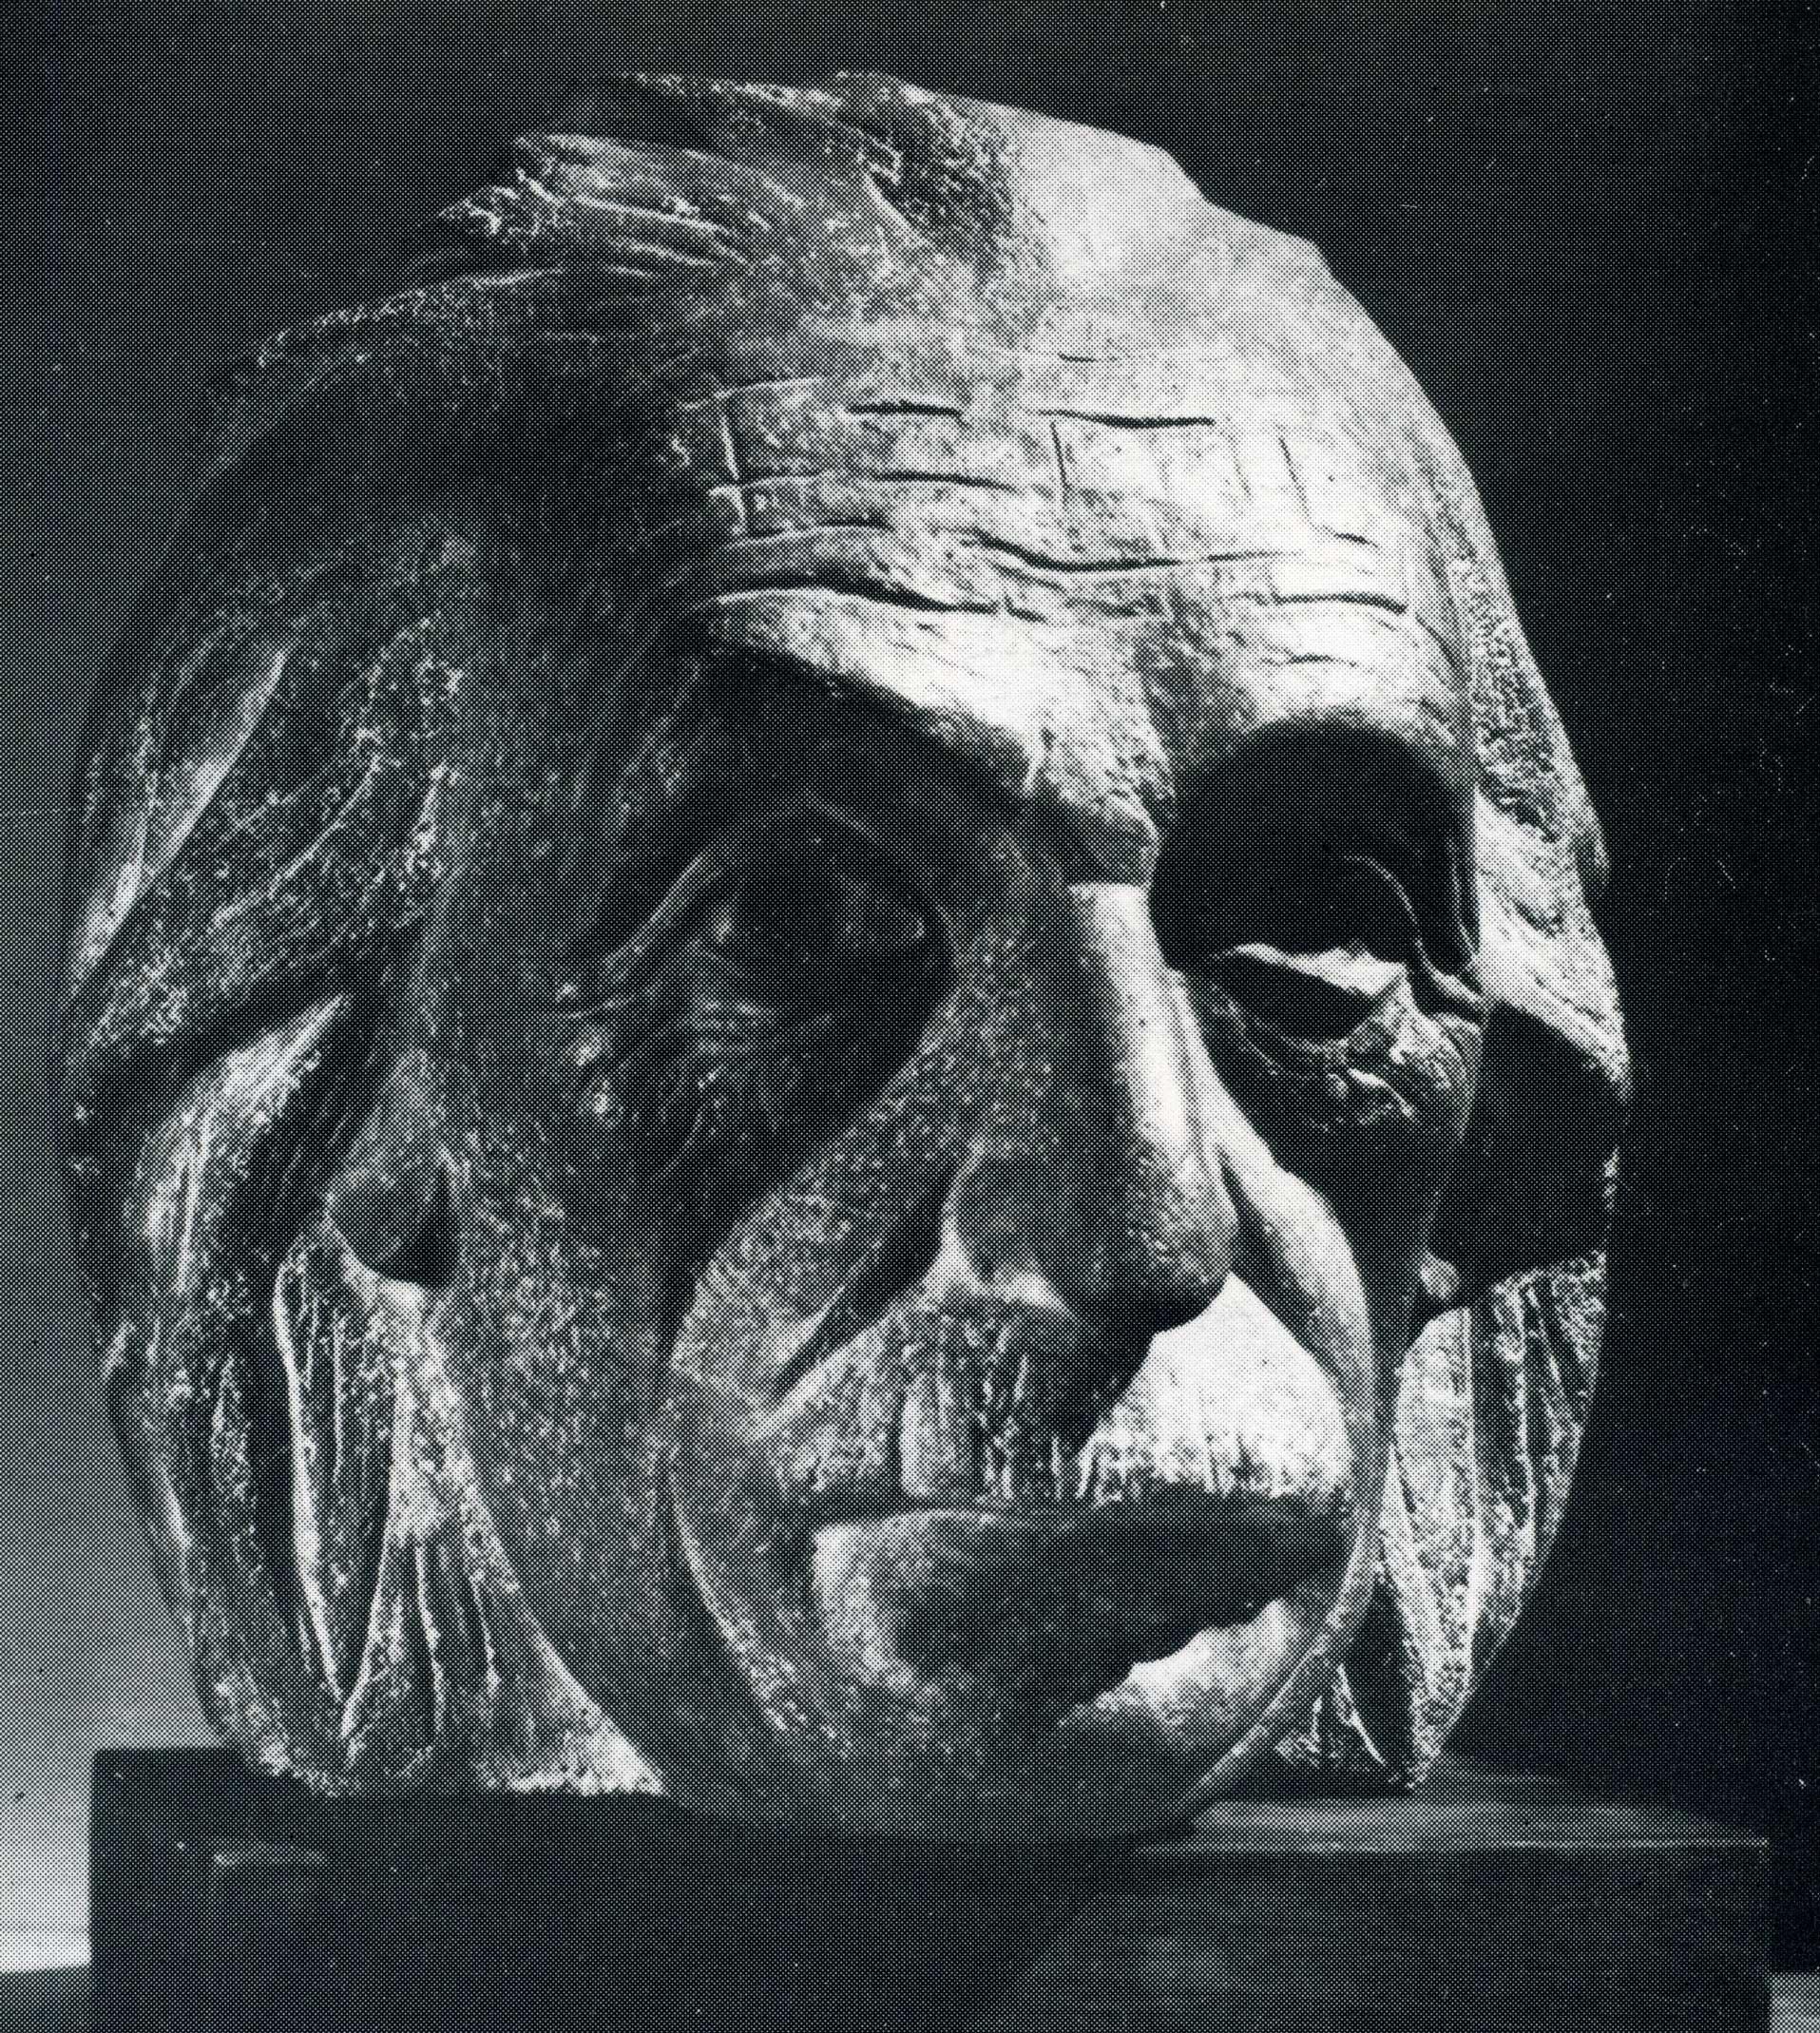 Cabeza de Einstein